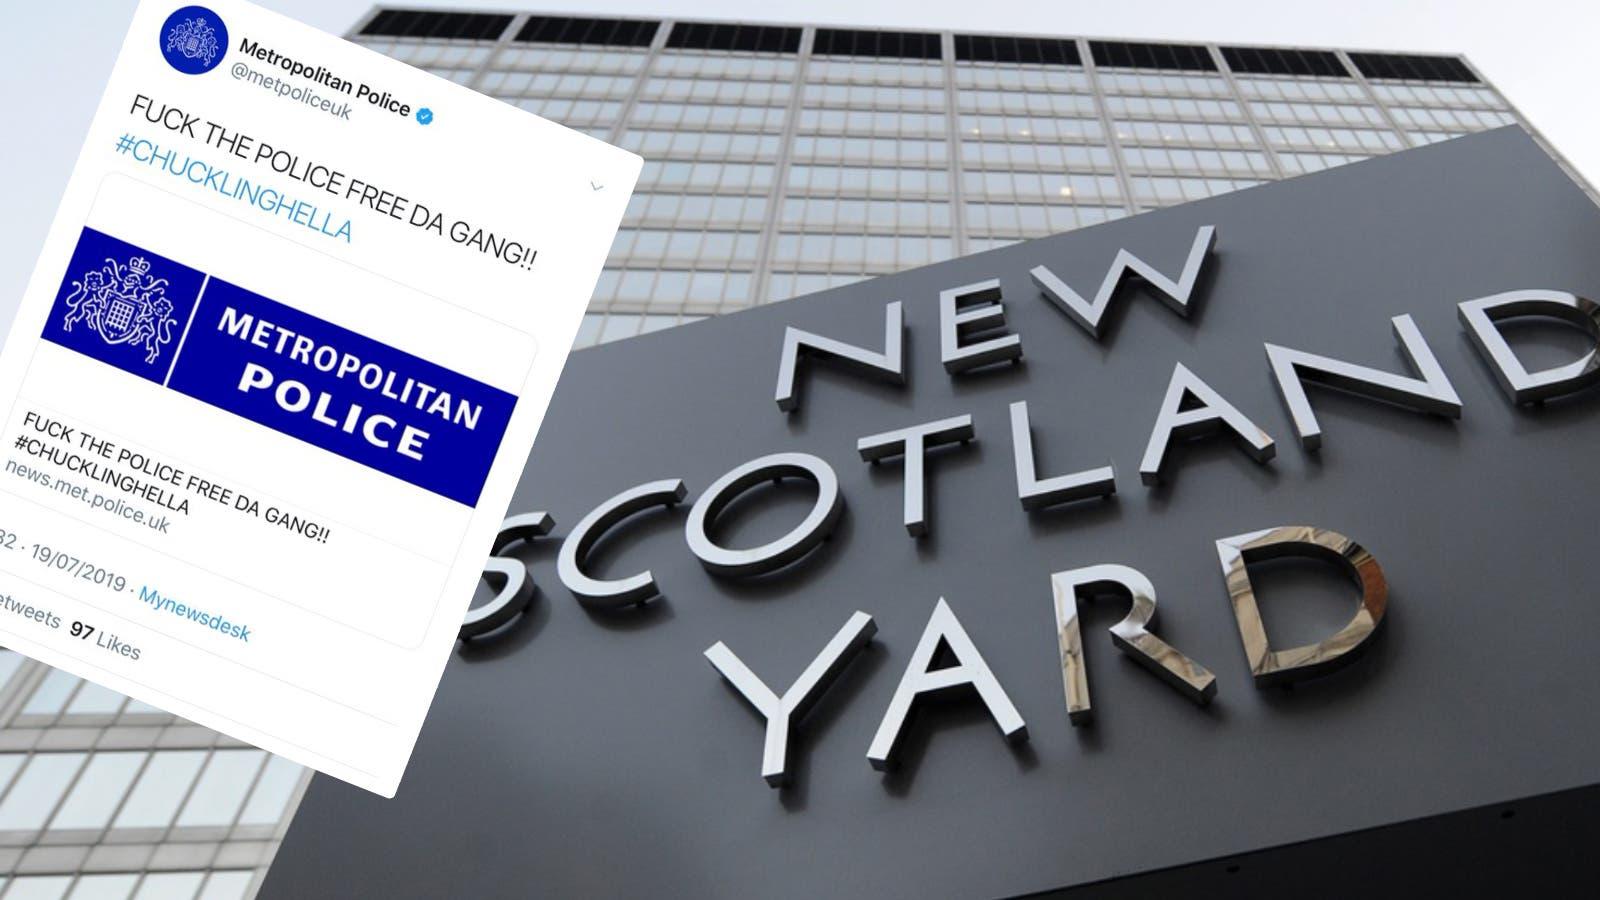 Fuck the police free da gang» – der Twitter Account von Scotland ...